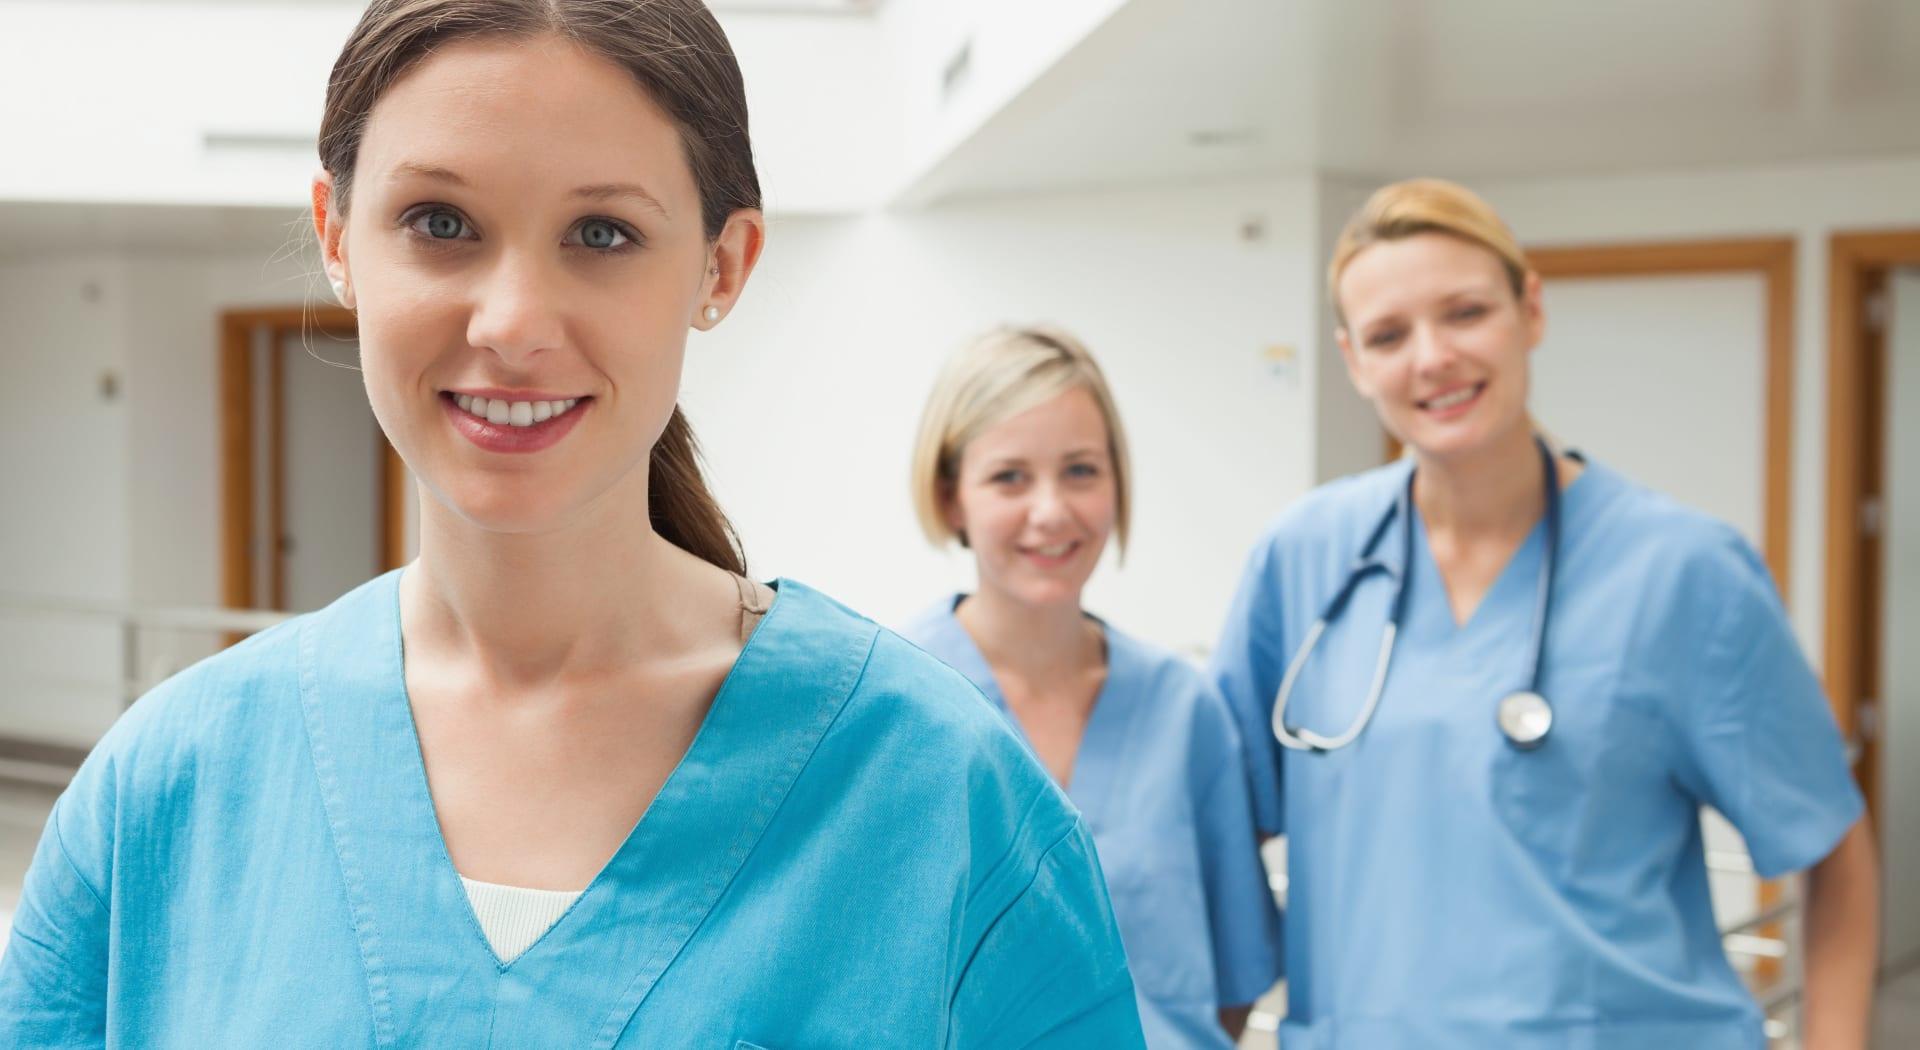 Korona er godkjent som yrkessykdom. Det kan få stor betydning for dem som daglig utsetter seg selv for risiko.